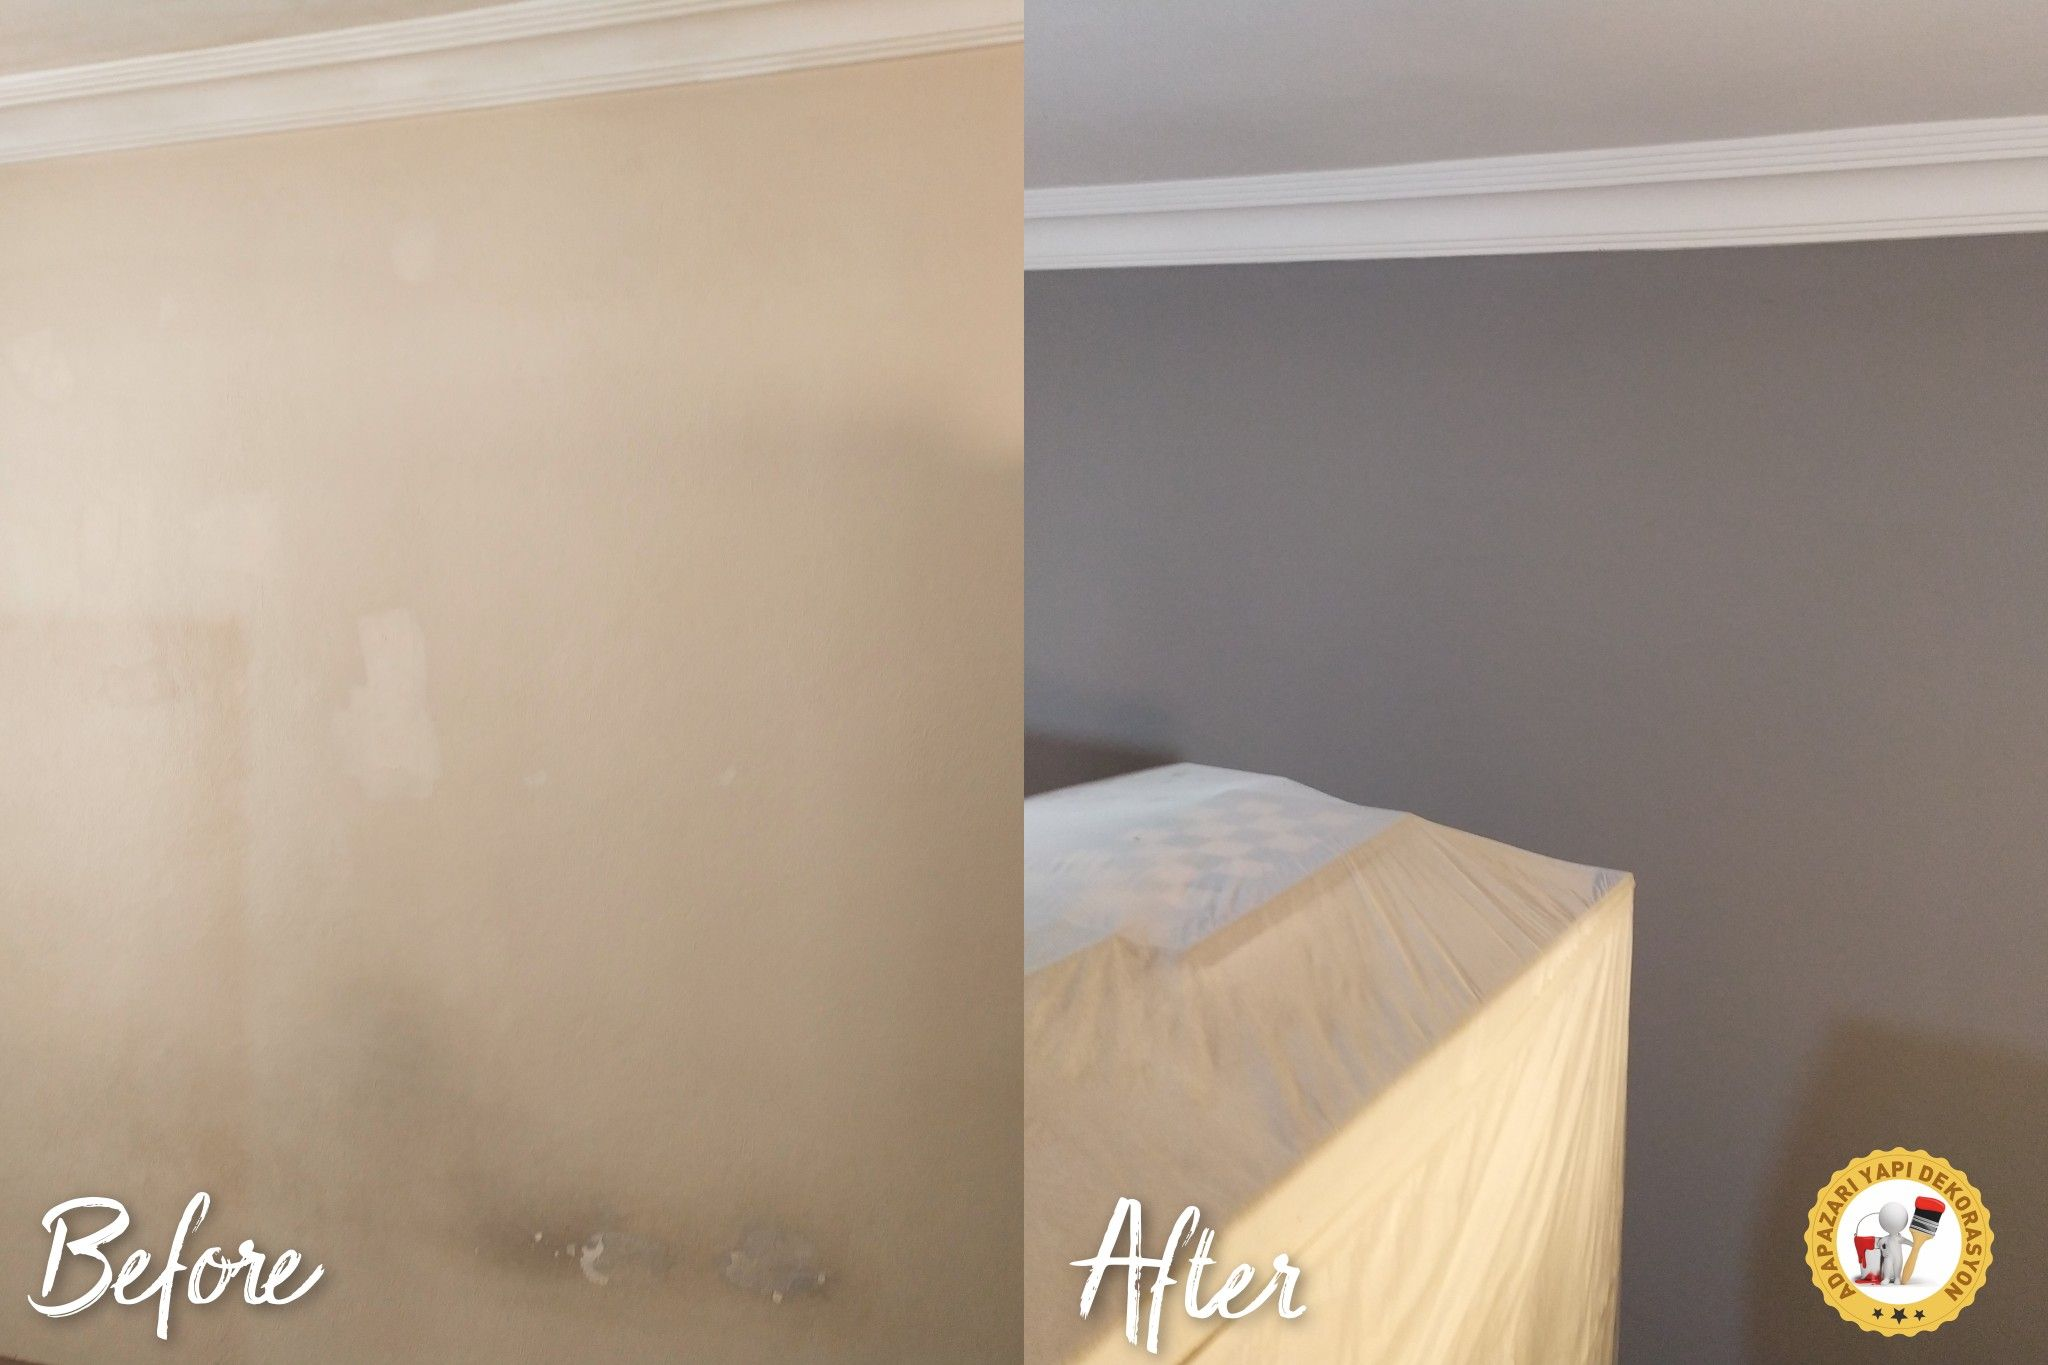 İÇ CEPHE BOYA UYGULAMASI Tavan / Duvar boya Sıva Ahşap kapı tamirat ve boya Yalıtım izolasyon Tam silinebilir, kokusuz, kabarma dökülme yapmaz ve antibakteriyel özellikli boya uygulaması. Cu X141-01 polisan elegans extra mat Anahtar teslim tadilat projeleri için iletişim; ☎️05415995499 Polisan Home Cosmetics Adapazarı Yapı Dekorasyon ®  boya  içtasarımvedekorasyon  tadilat  yenileme  homedesign  anahtarteslim  proje  gri